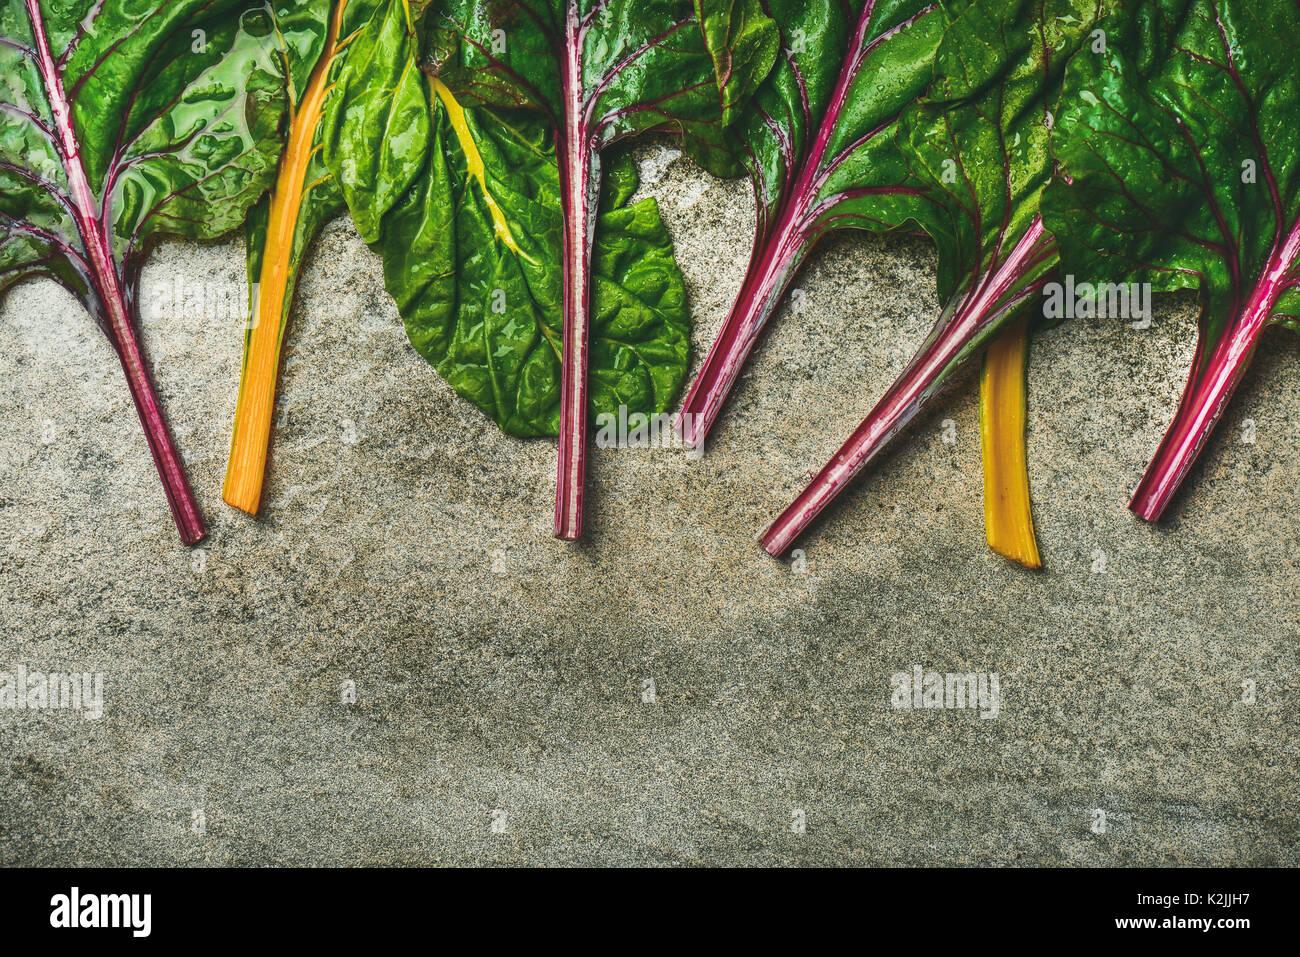 Télévision à jeter des feuilles fraîches de la bette à cardes colorées sur fond noir en béton, copiez l'espace, vue d'en haut. L'alimentation du châssis. Nettoyer, manger végan, végétarien, al Photo Stock